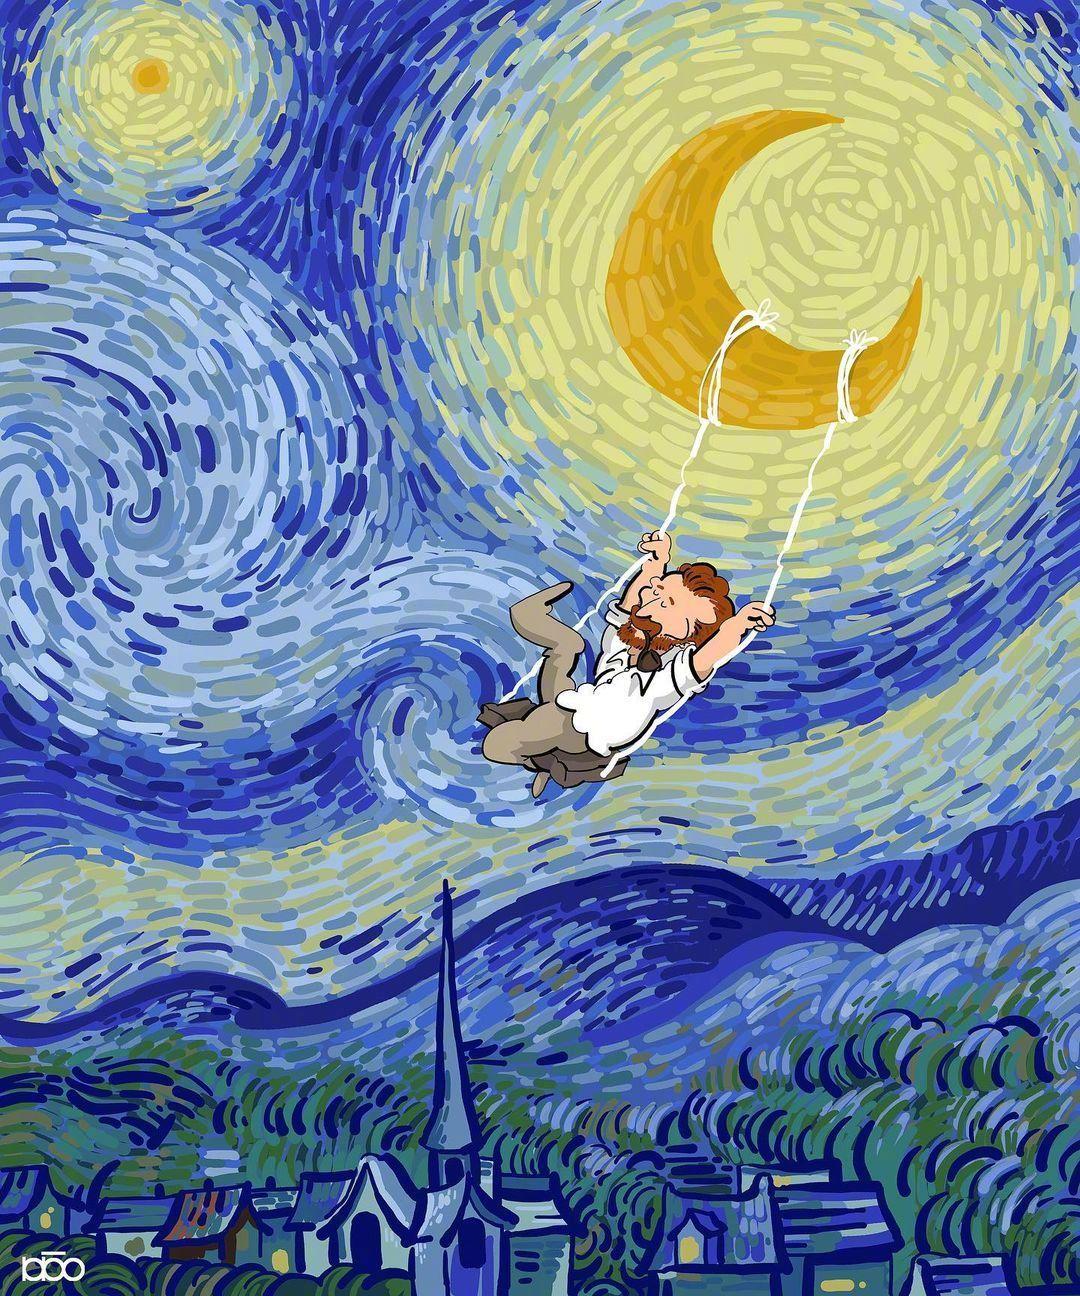 梵高的日子 | 伊朗插画家Alireza Karimi Moghaddam